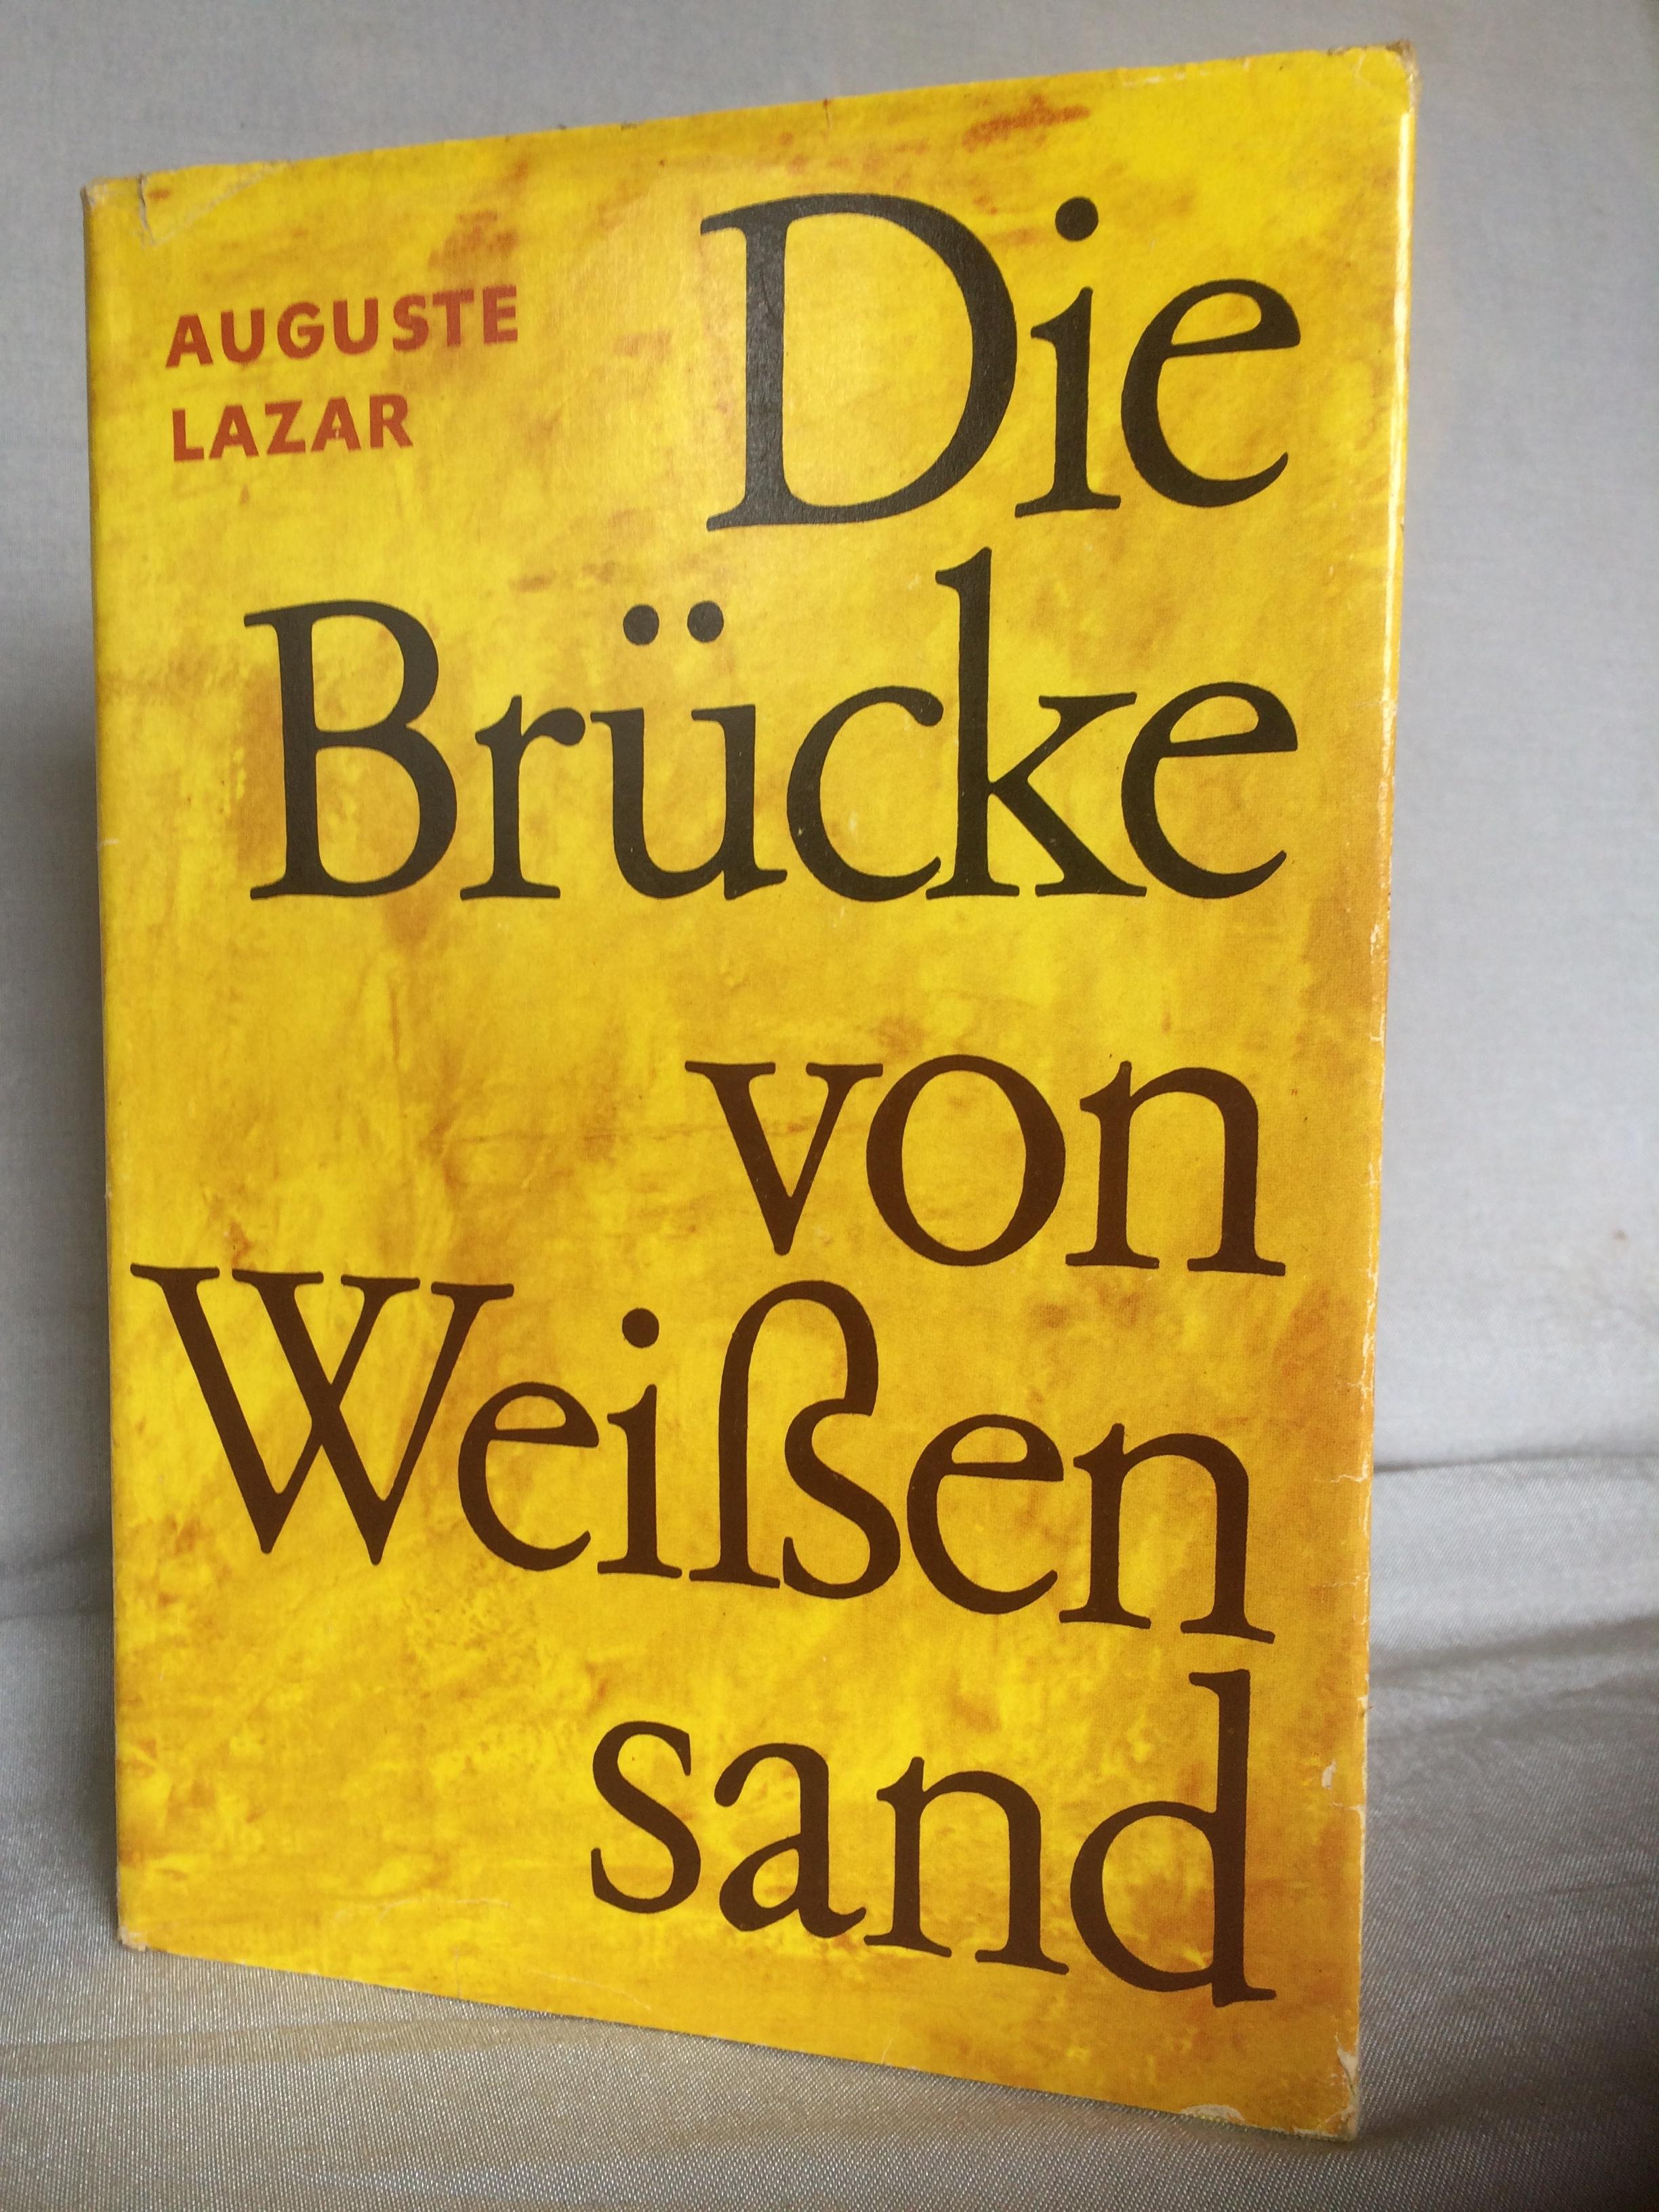 Die Bruecke von Weissensand. - Lazar Auguste